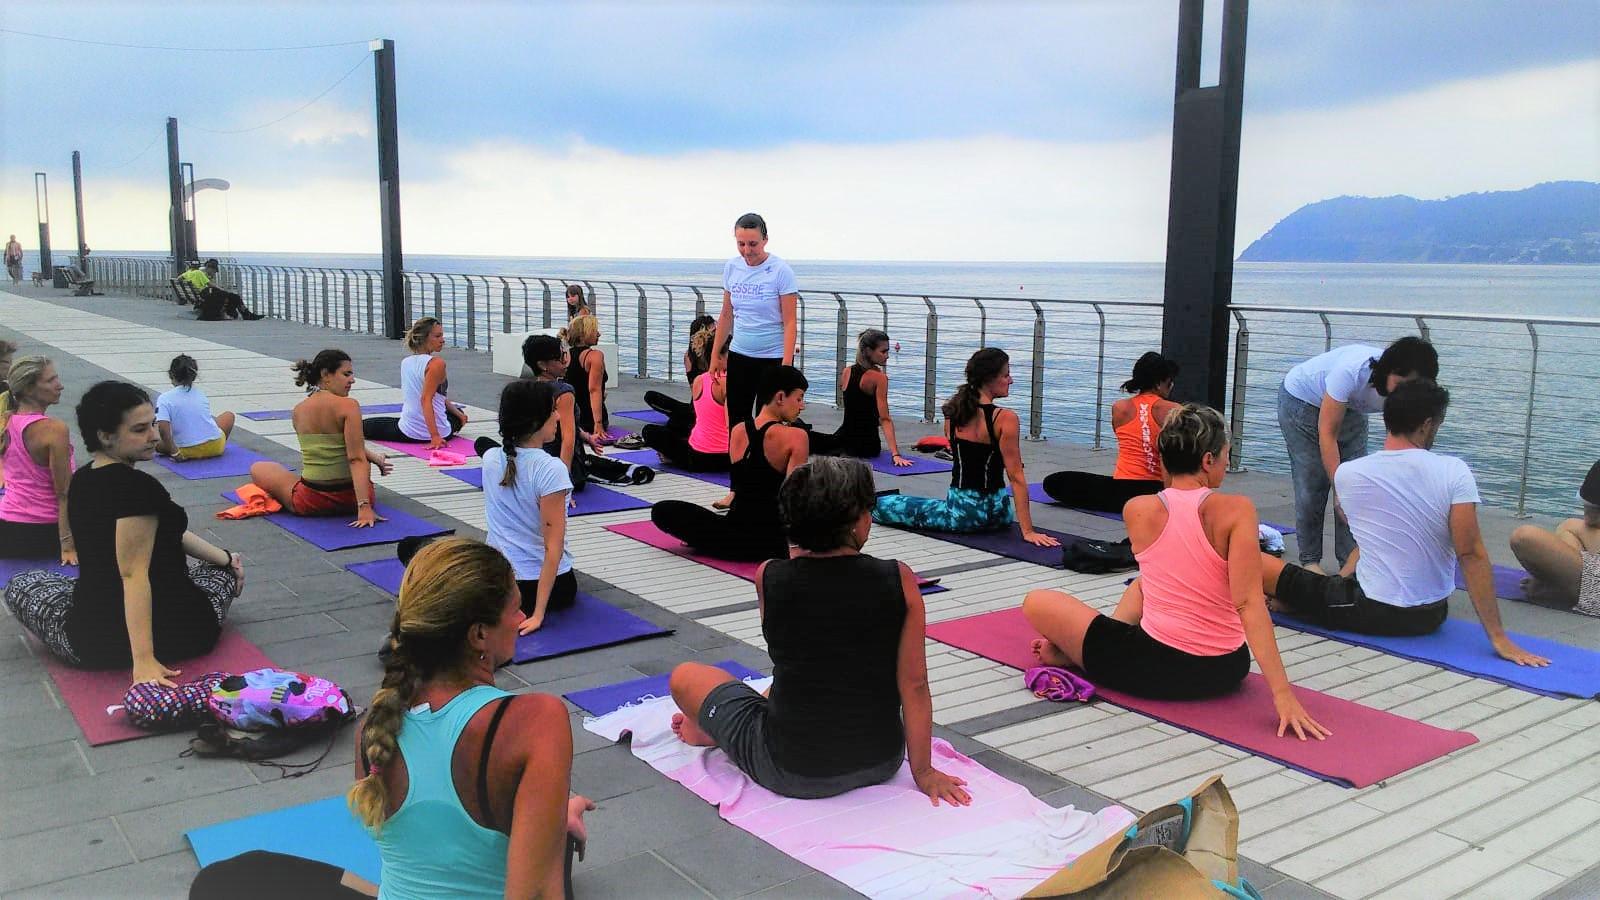 essere-free-yoga-gratuito-benessere-per-tutti-village-citta-alassio-estate-lucia-ragazzi-summer-town-wellness-097